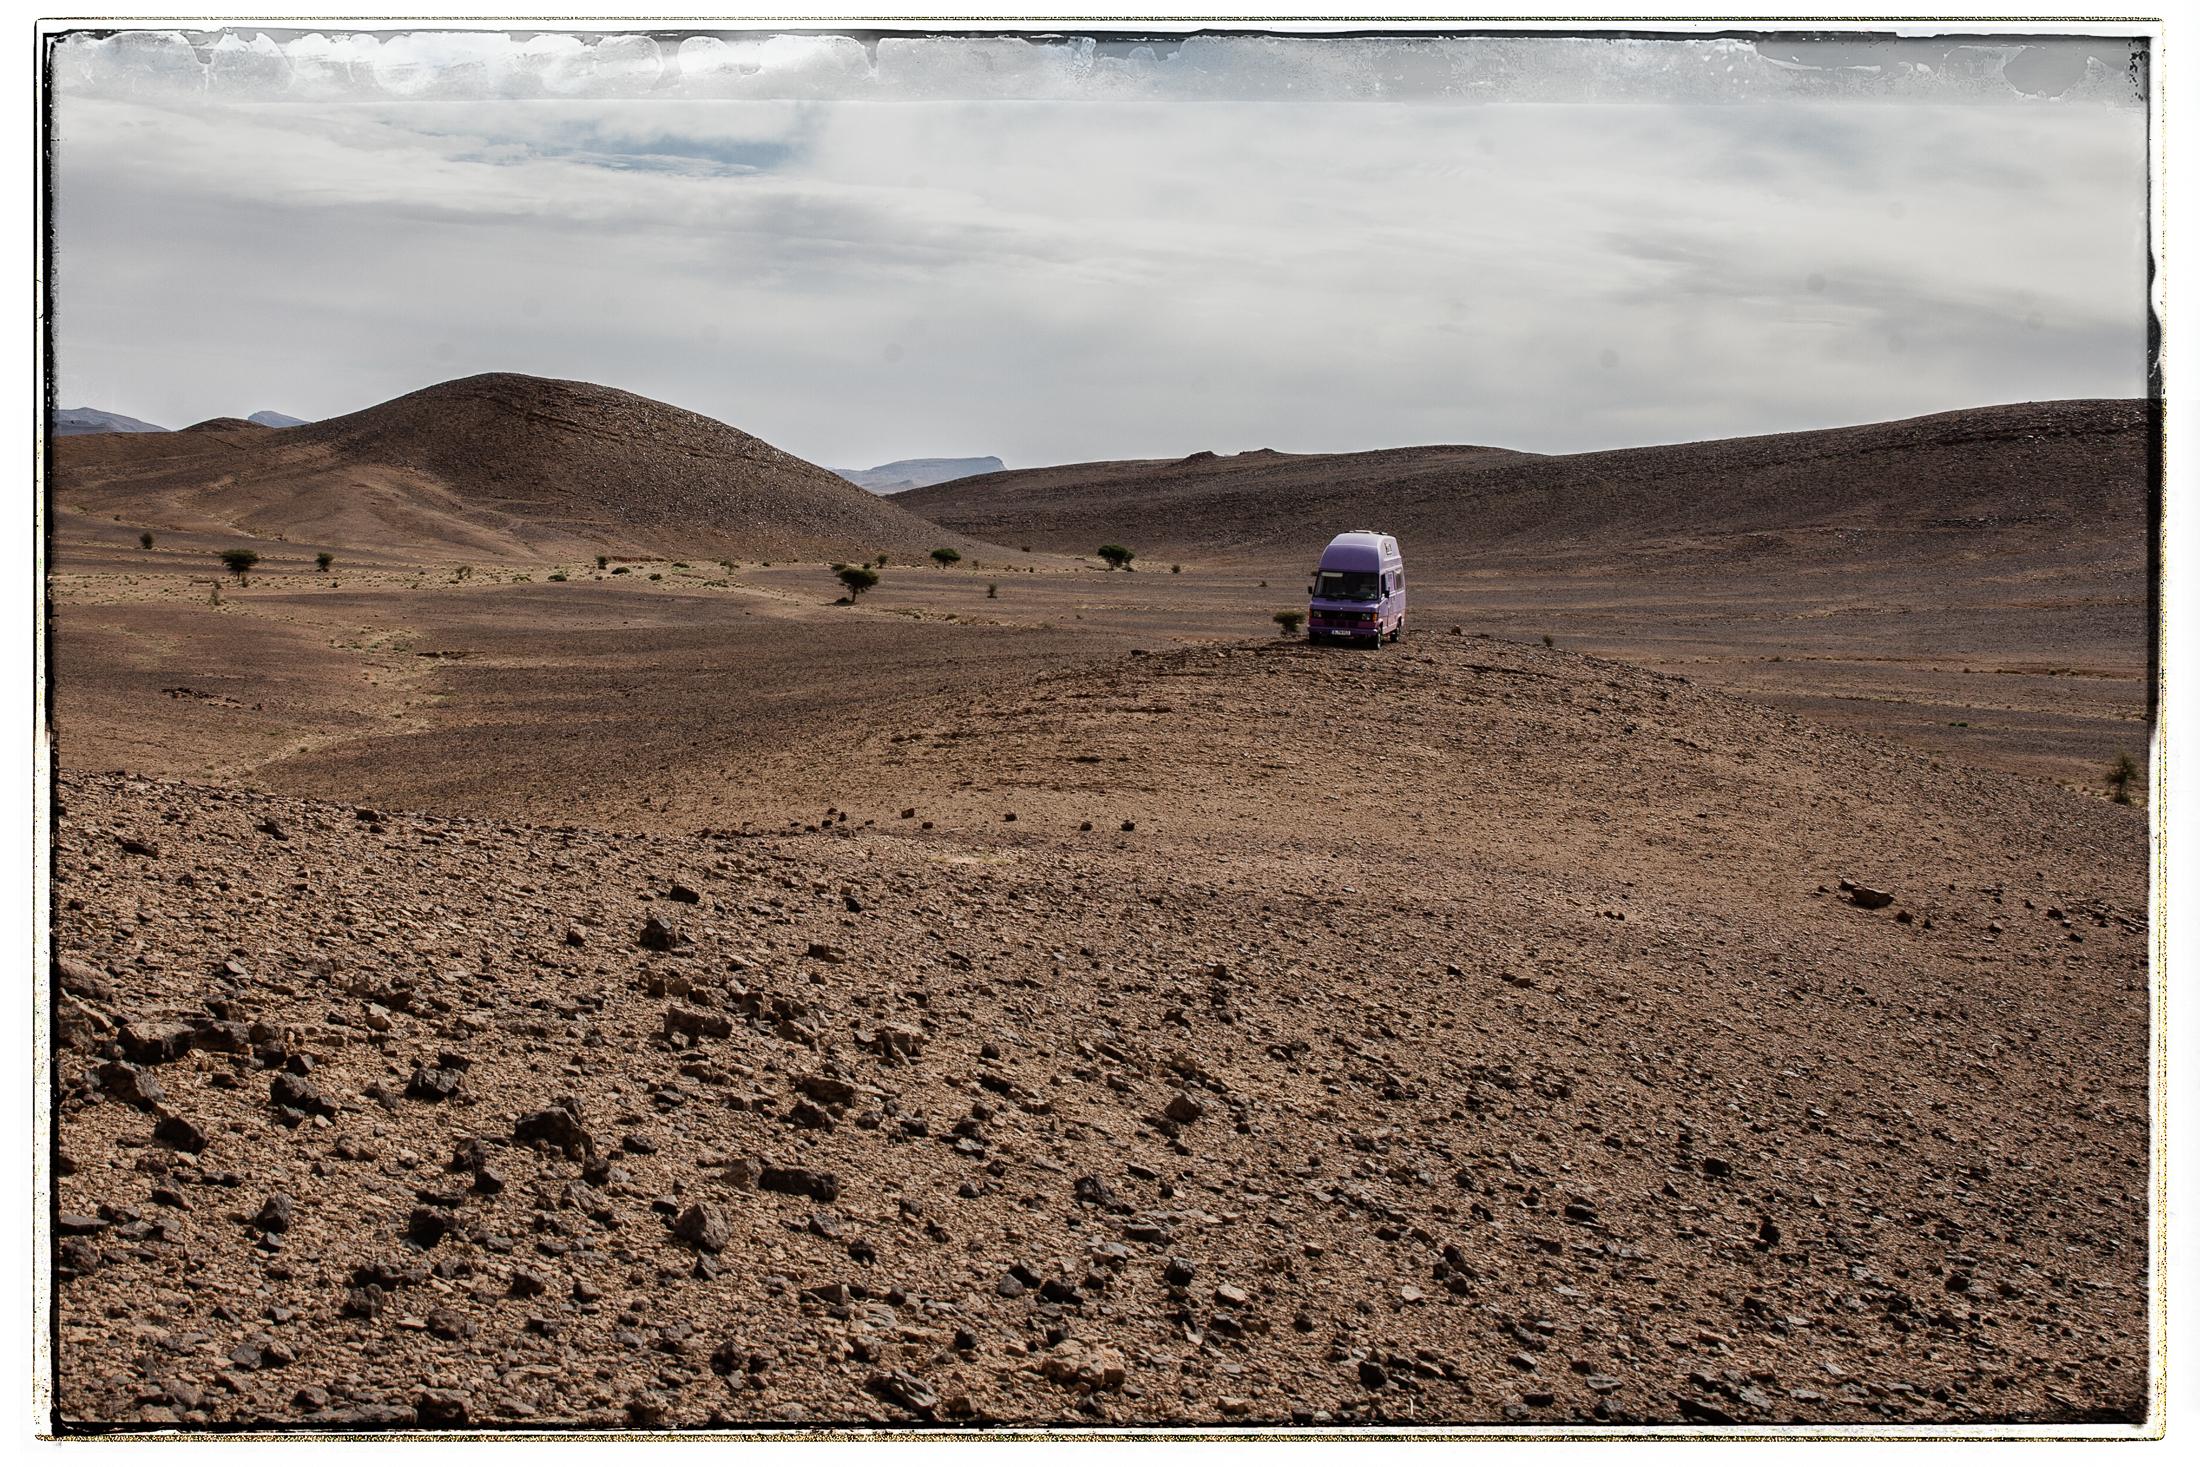 Auf dem Mond mit Rover